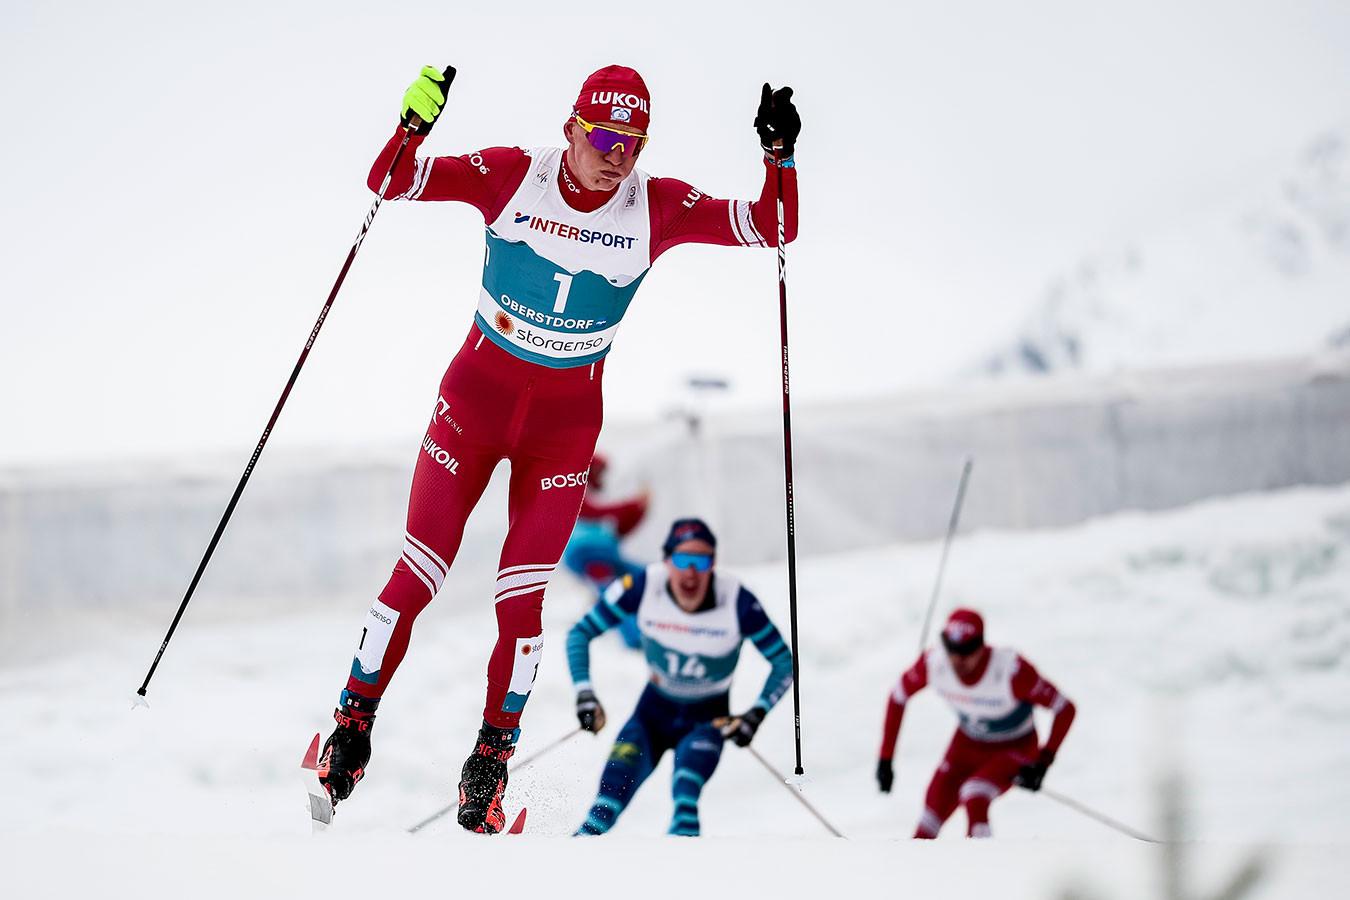 Тренер сборной Норвегии: Большунов силён как медведь, им нельзя не восхищаться